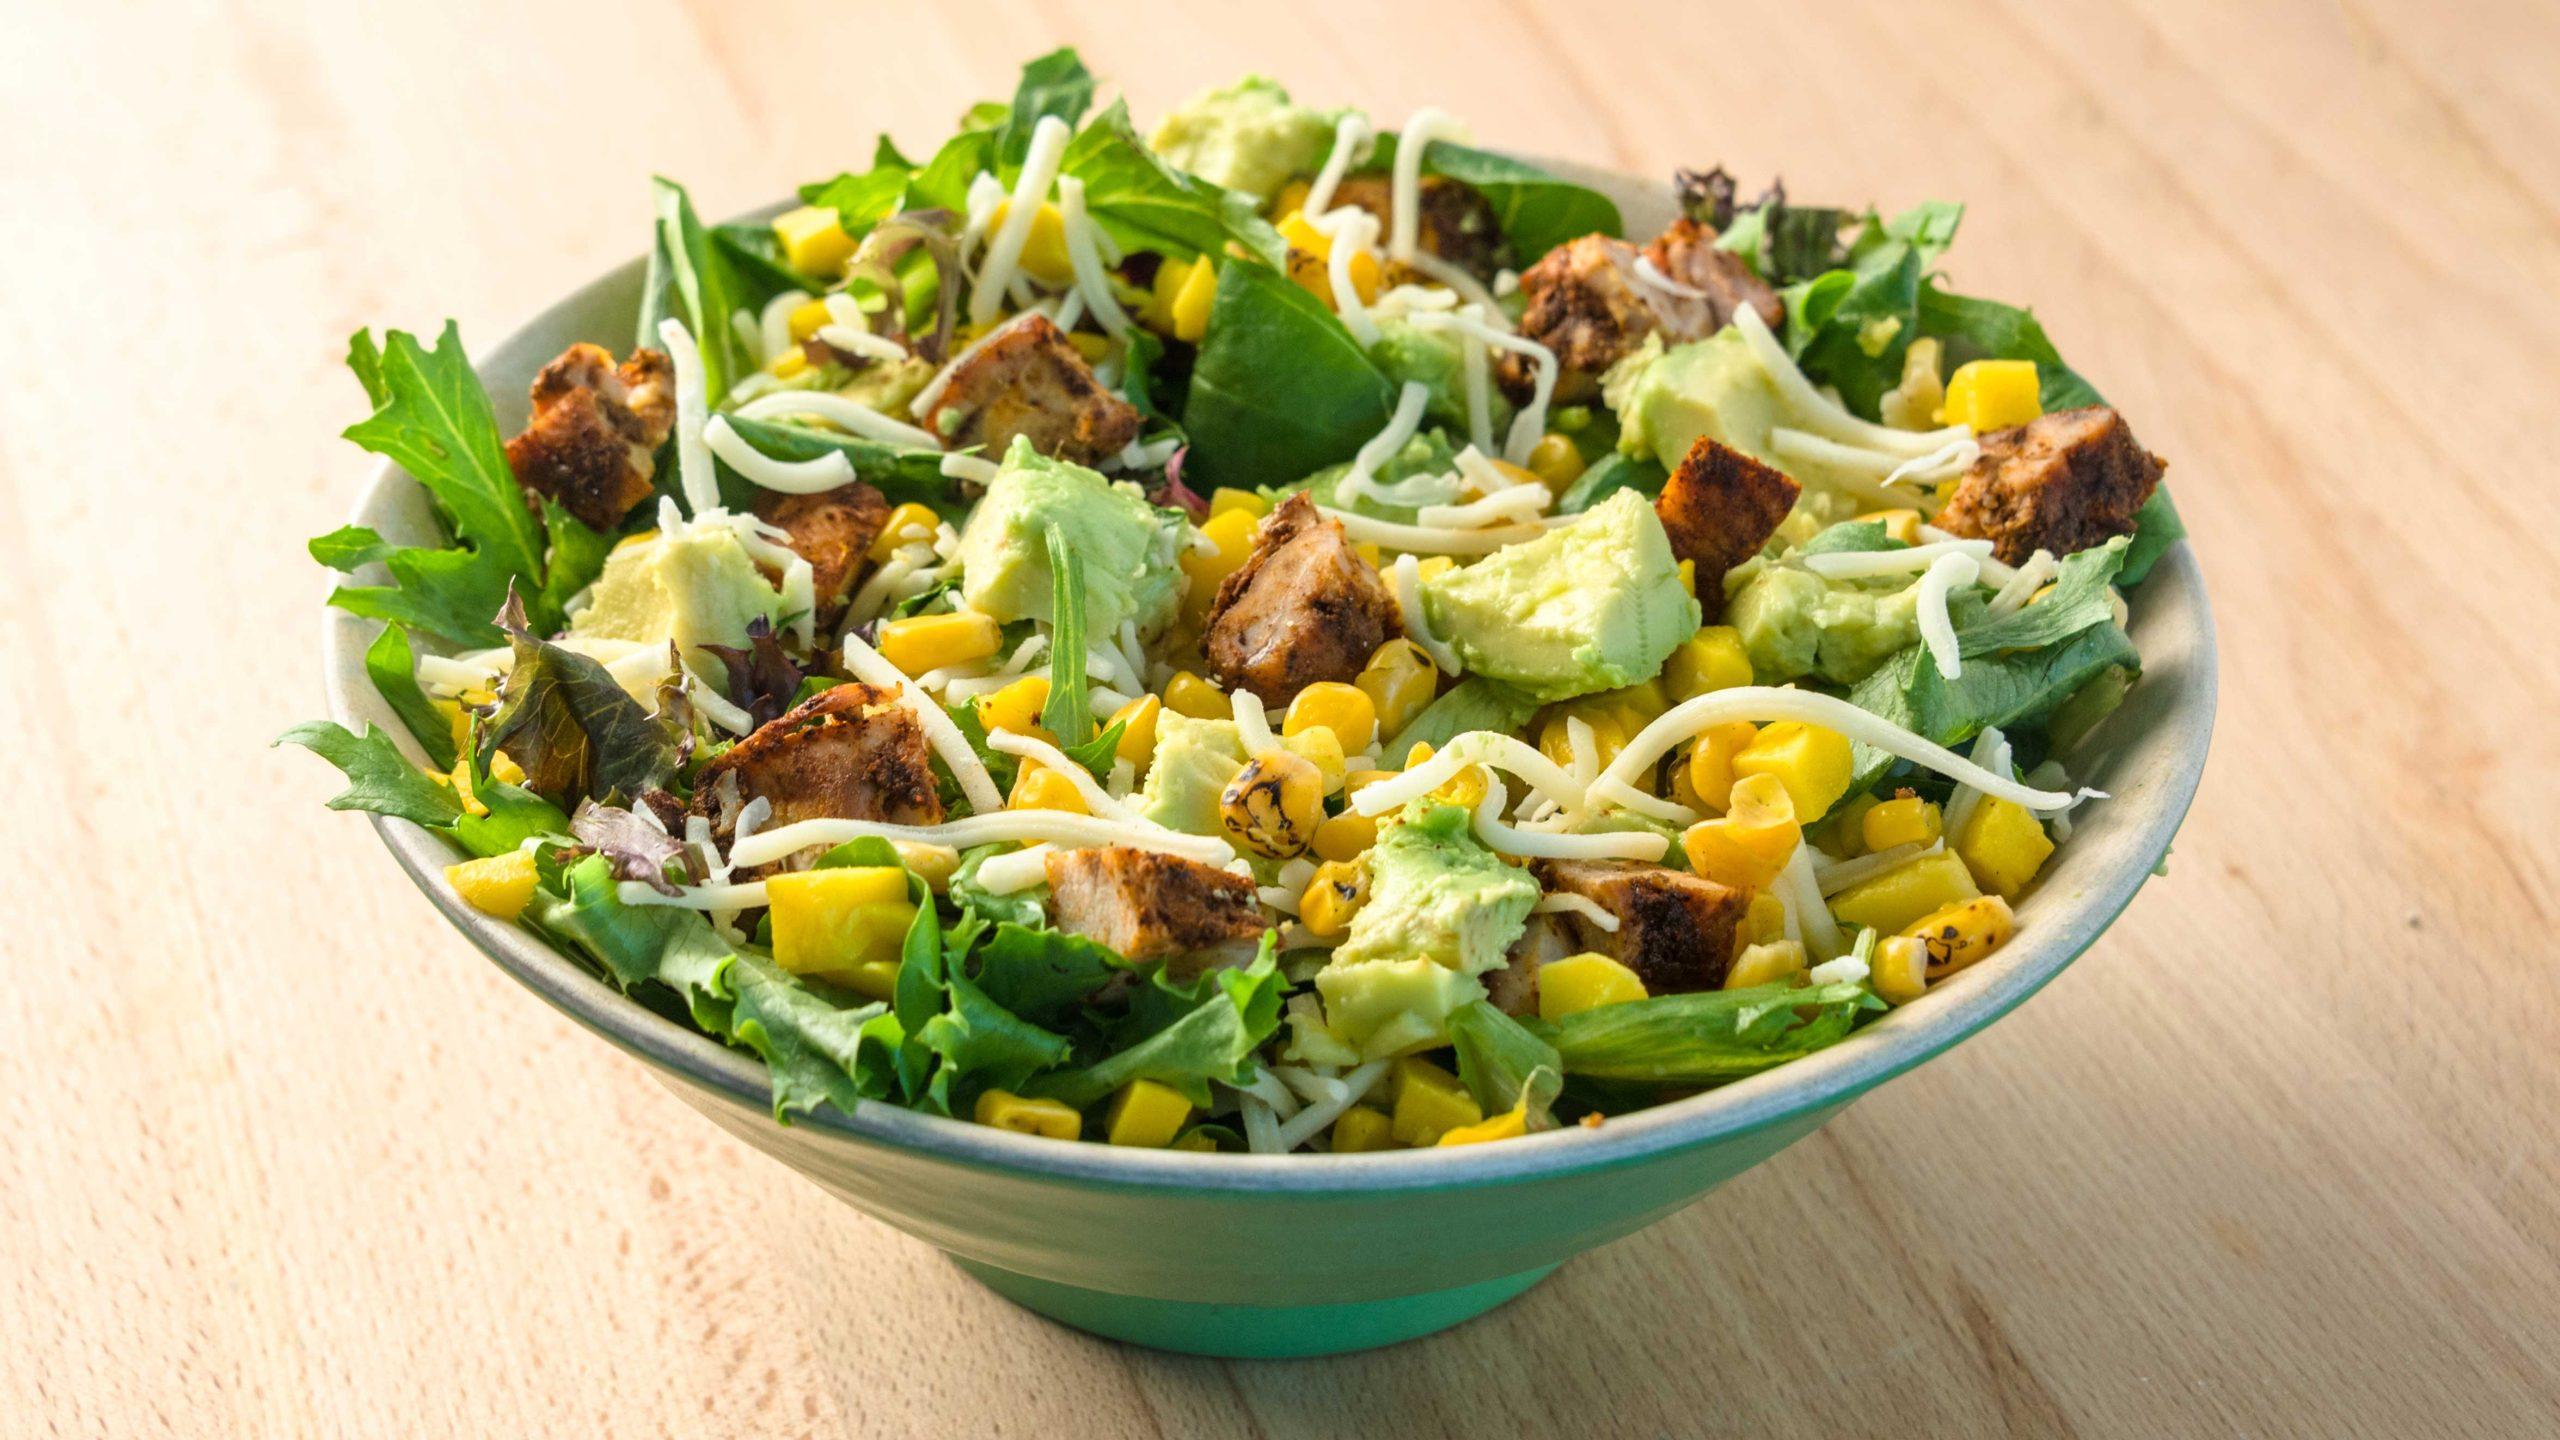 A inocente saladinha está fazendo você engordar?